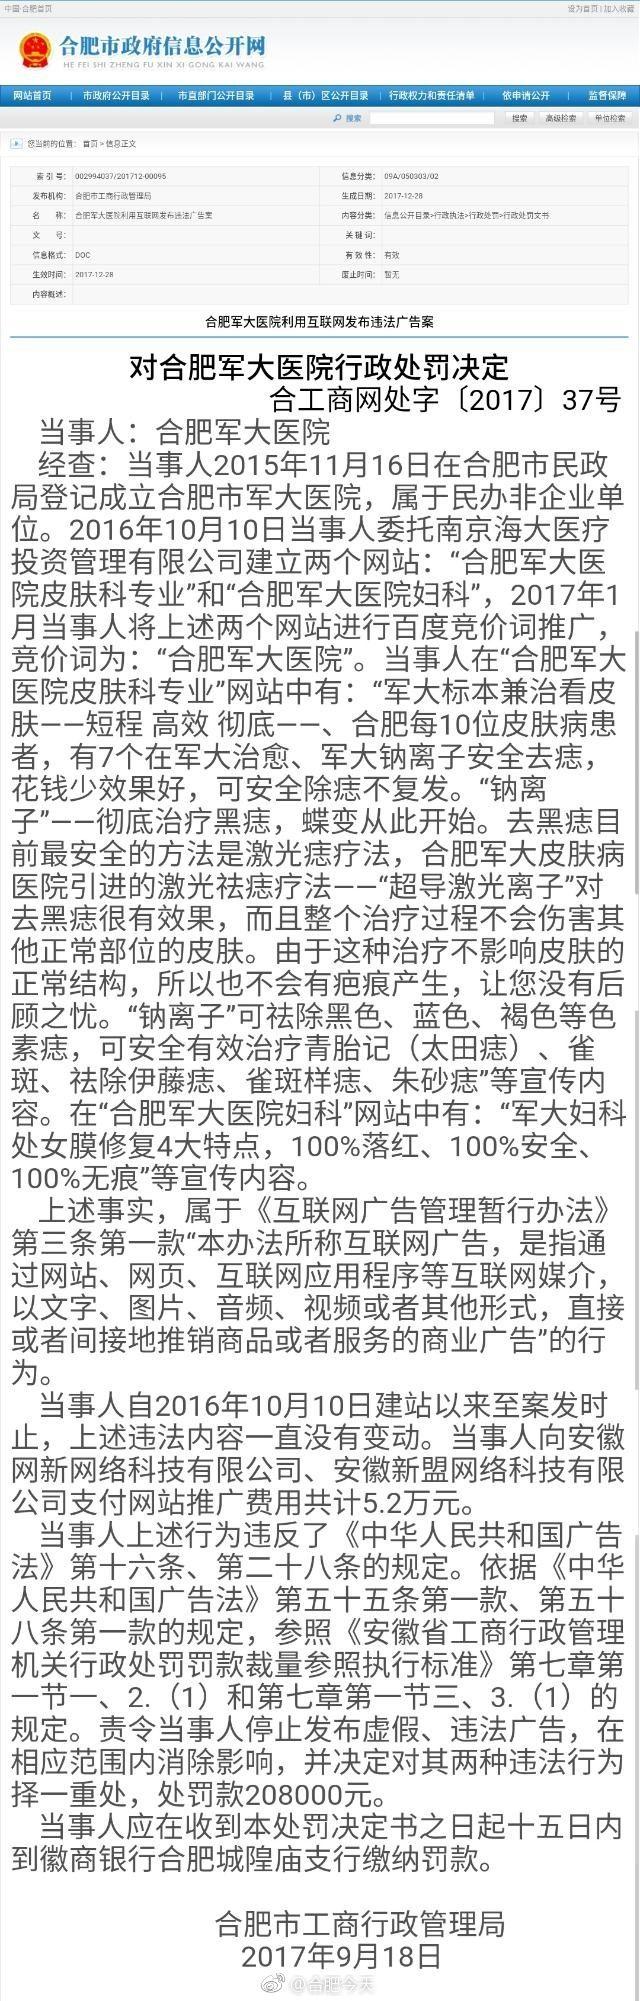 合肥市军大医院发布违法广告 被罚20.8万元